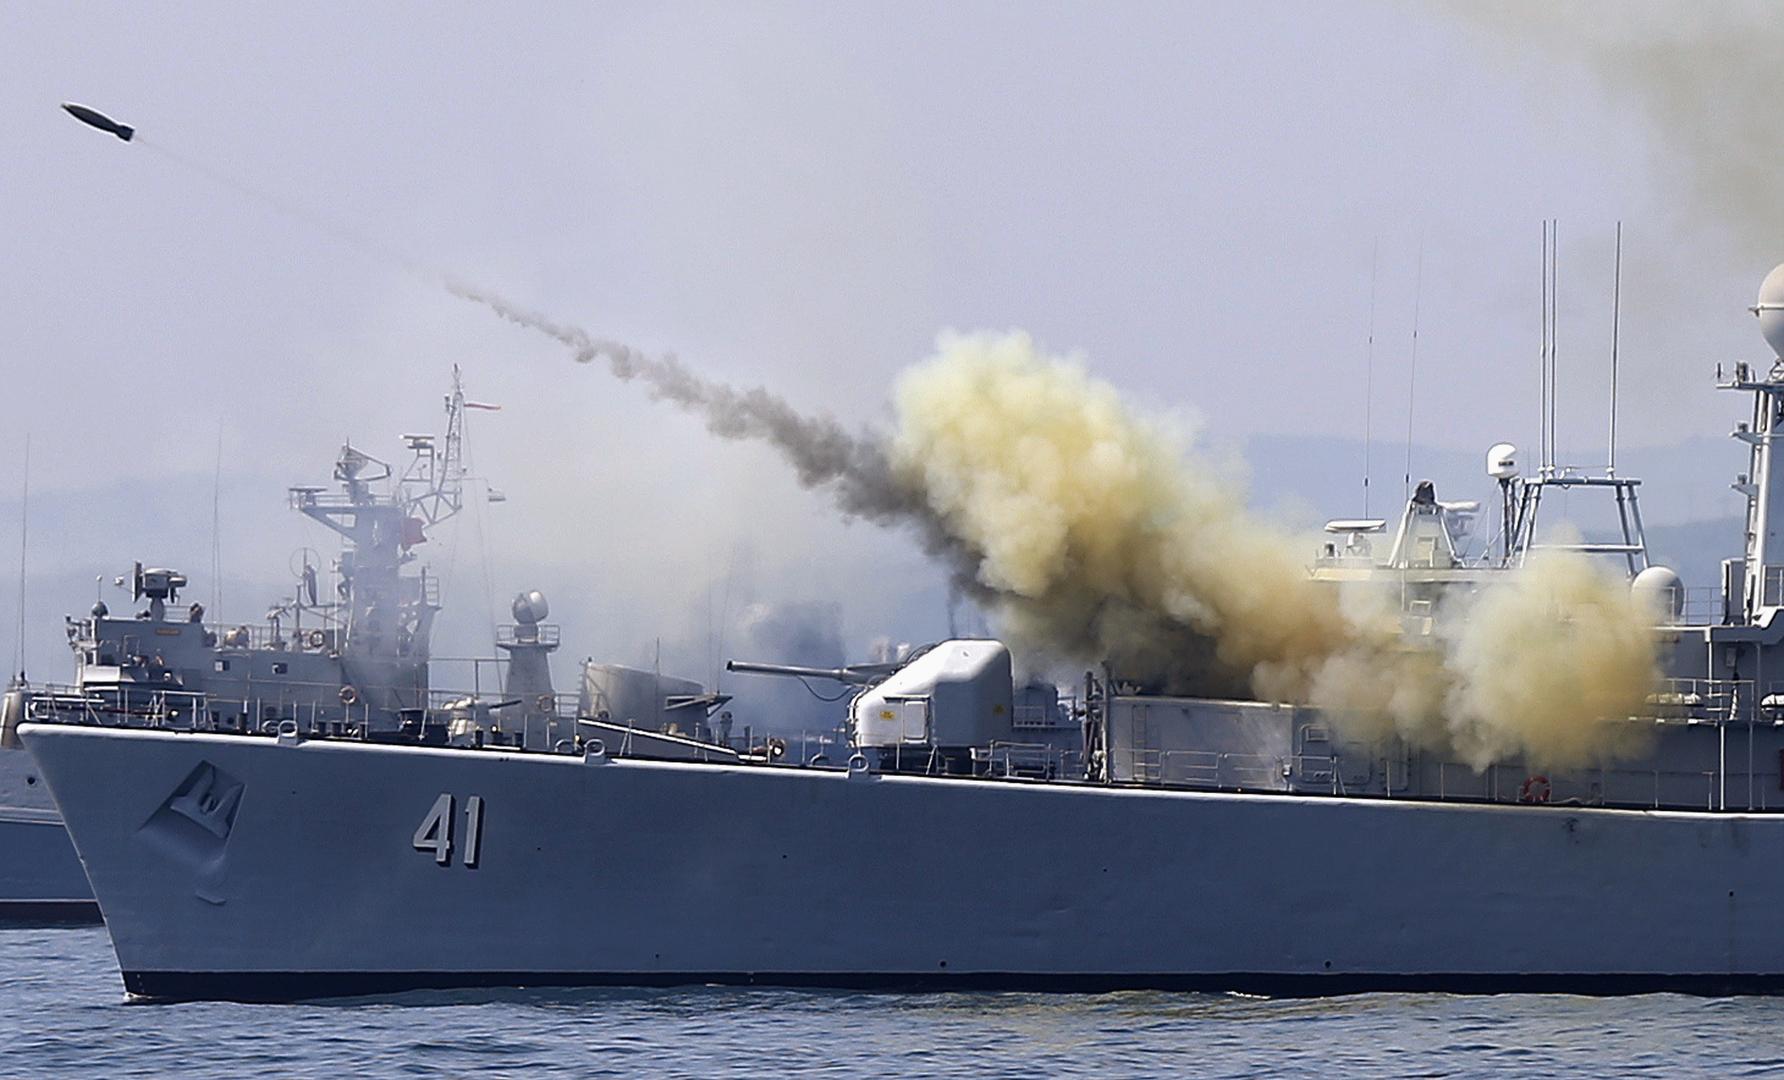 سفينة عسكرية بلغارية أثناء تدريبات للناتو في البحر الأسود